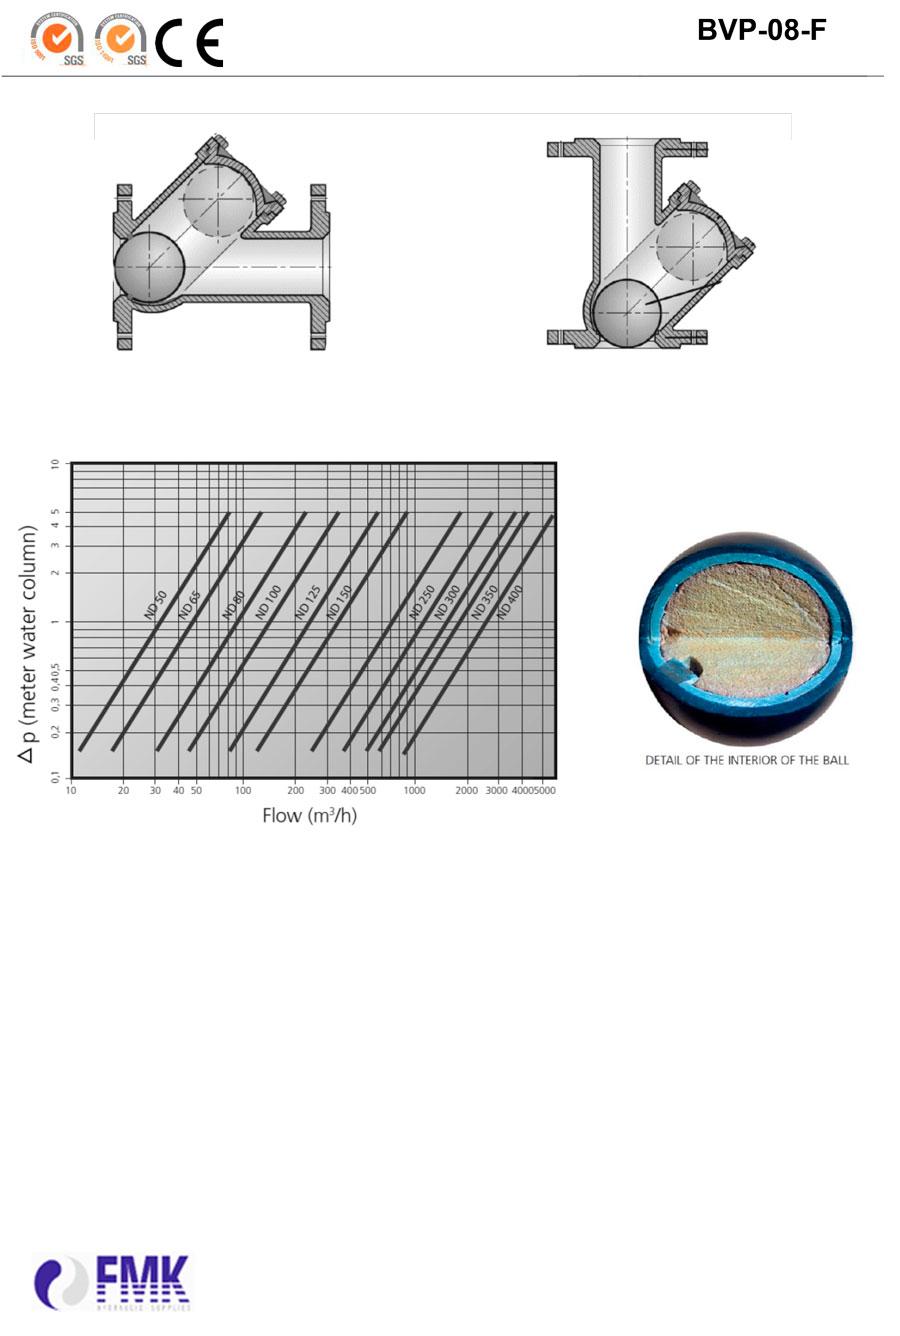 fmk-Valvula-de-retencion-de-bola-BVP-08-F-ficha-tecnica-2